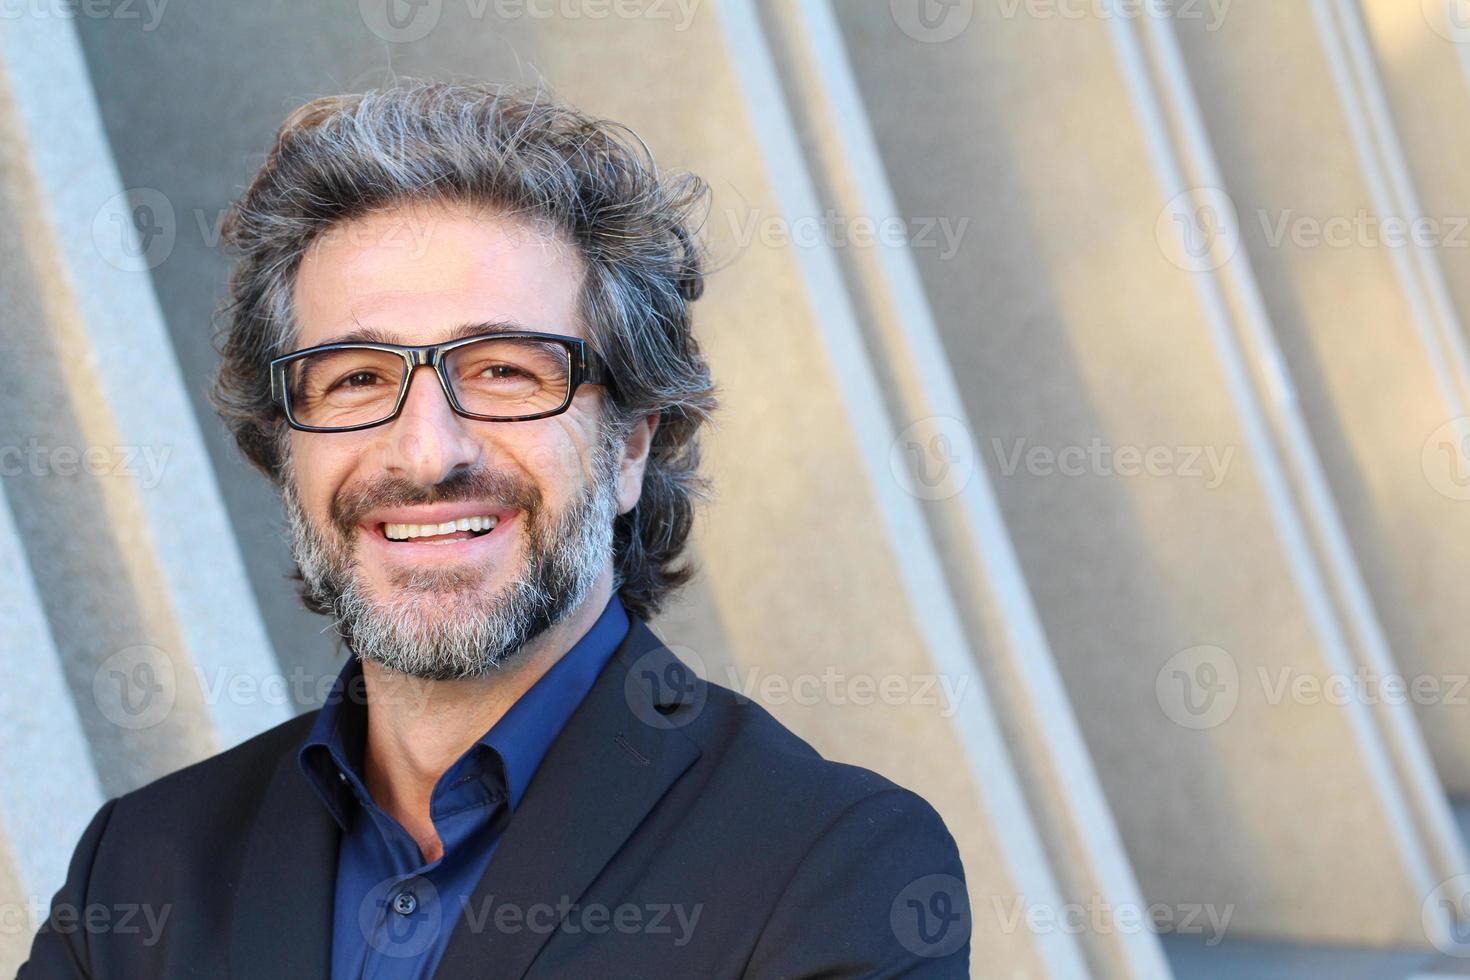 soddisfatto uomo maturo con gli occhiali sorridente foto